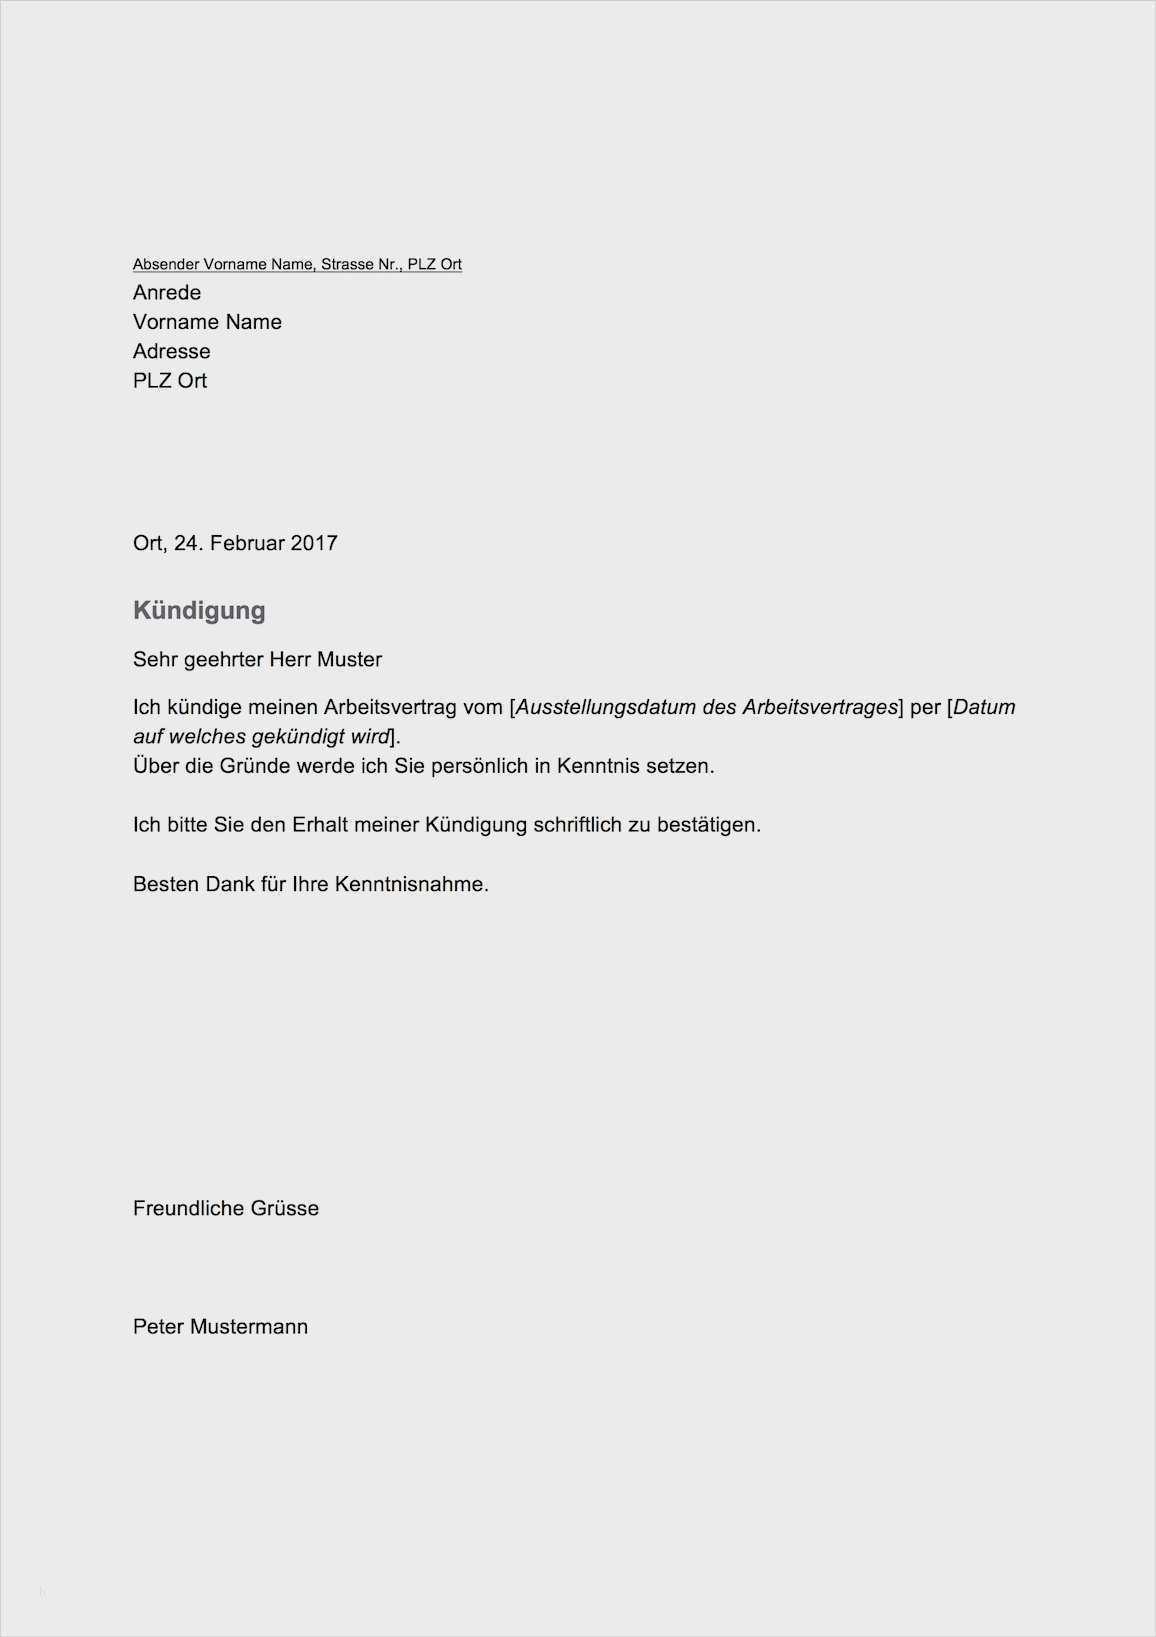 Vorlage Kundigung Sky Kostenlos 36 Elegant Solche Konnen Anpassen In Microsoft Word Vorlagen Word Arbeitsvertrag Muster Vorlagen